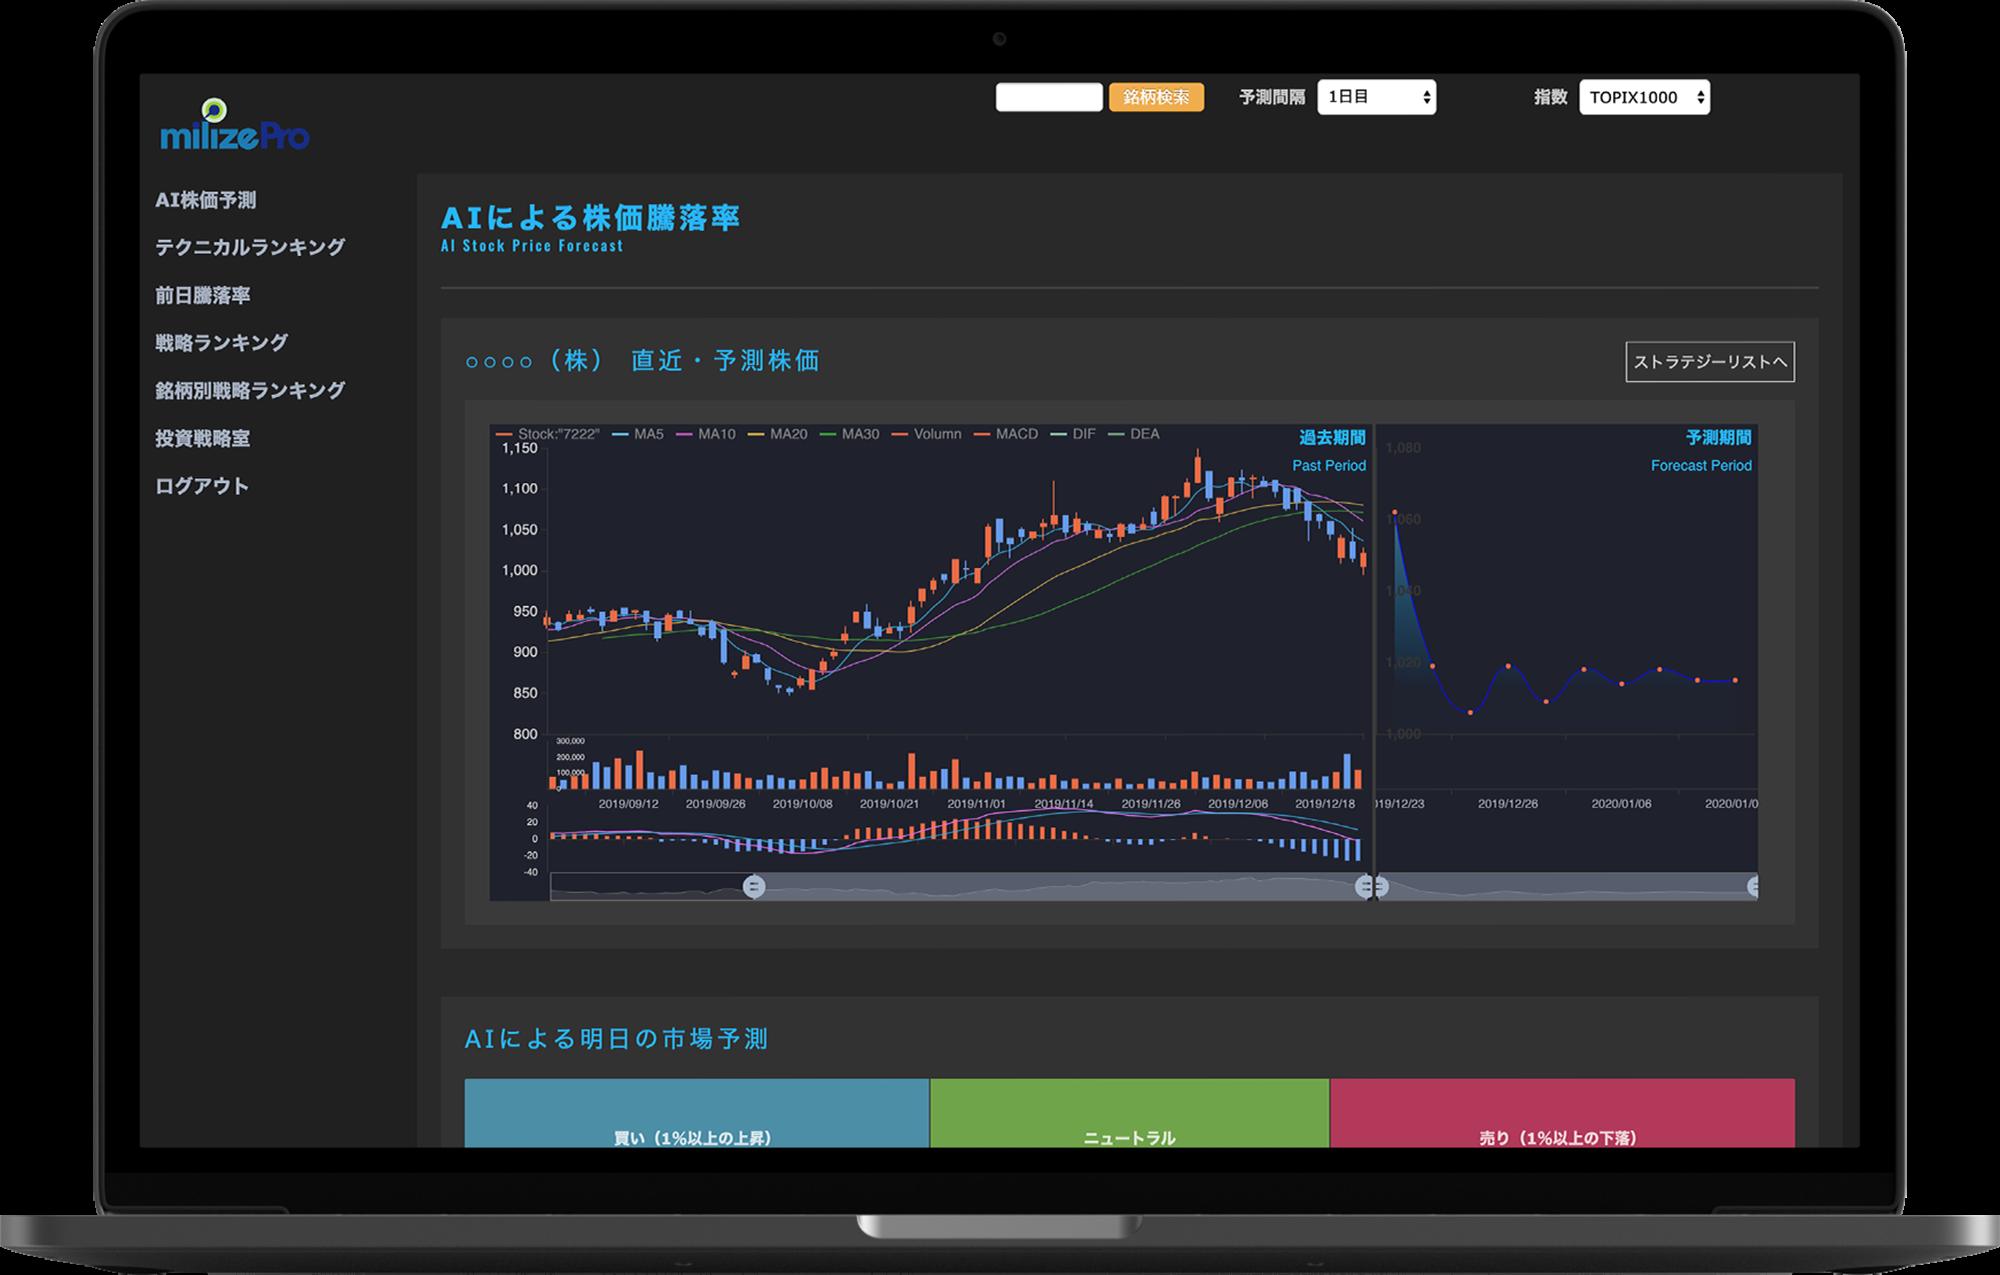 ツール 株価 予測